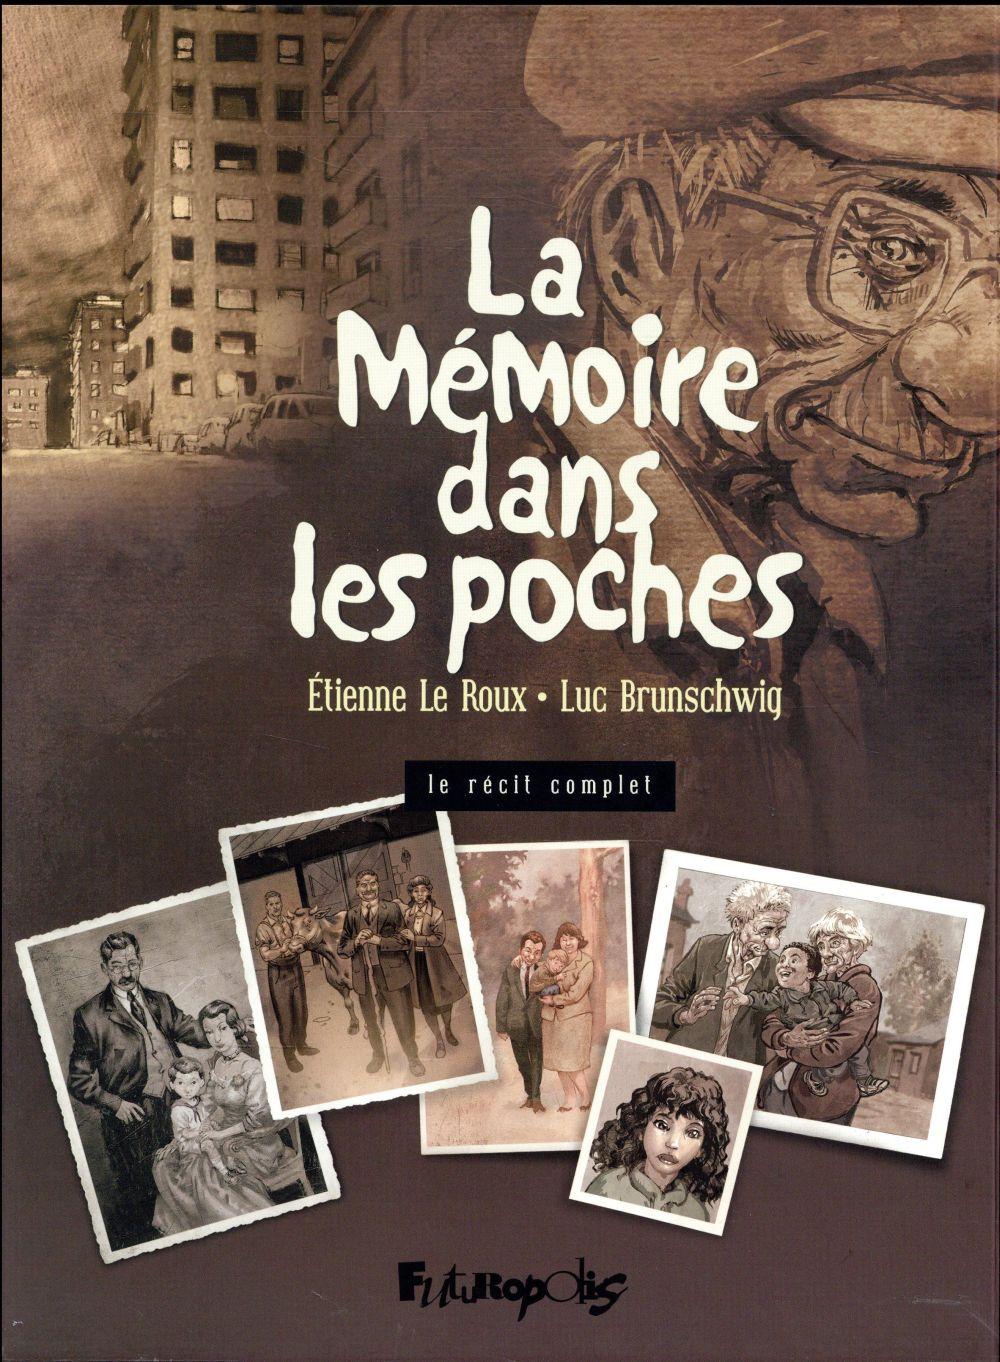 La mémoire dans les poches La mémoire dans les poches, Vol. 1 La mémoire dans les poches, Vol. 3 La mémoire dans les poches, Vol. 2 Brunschwig Luc Futuropolis